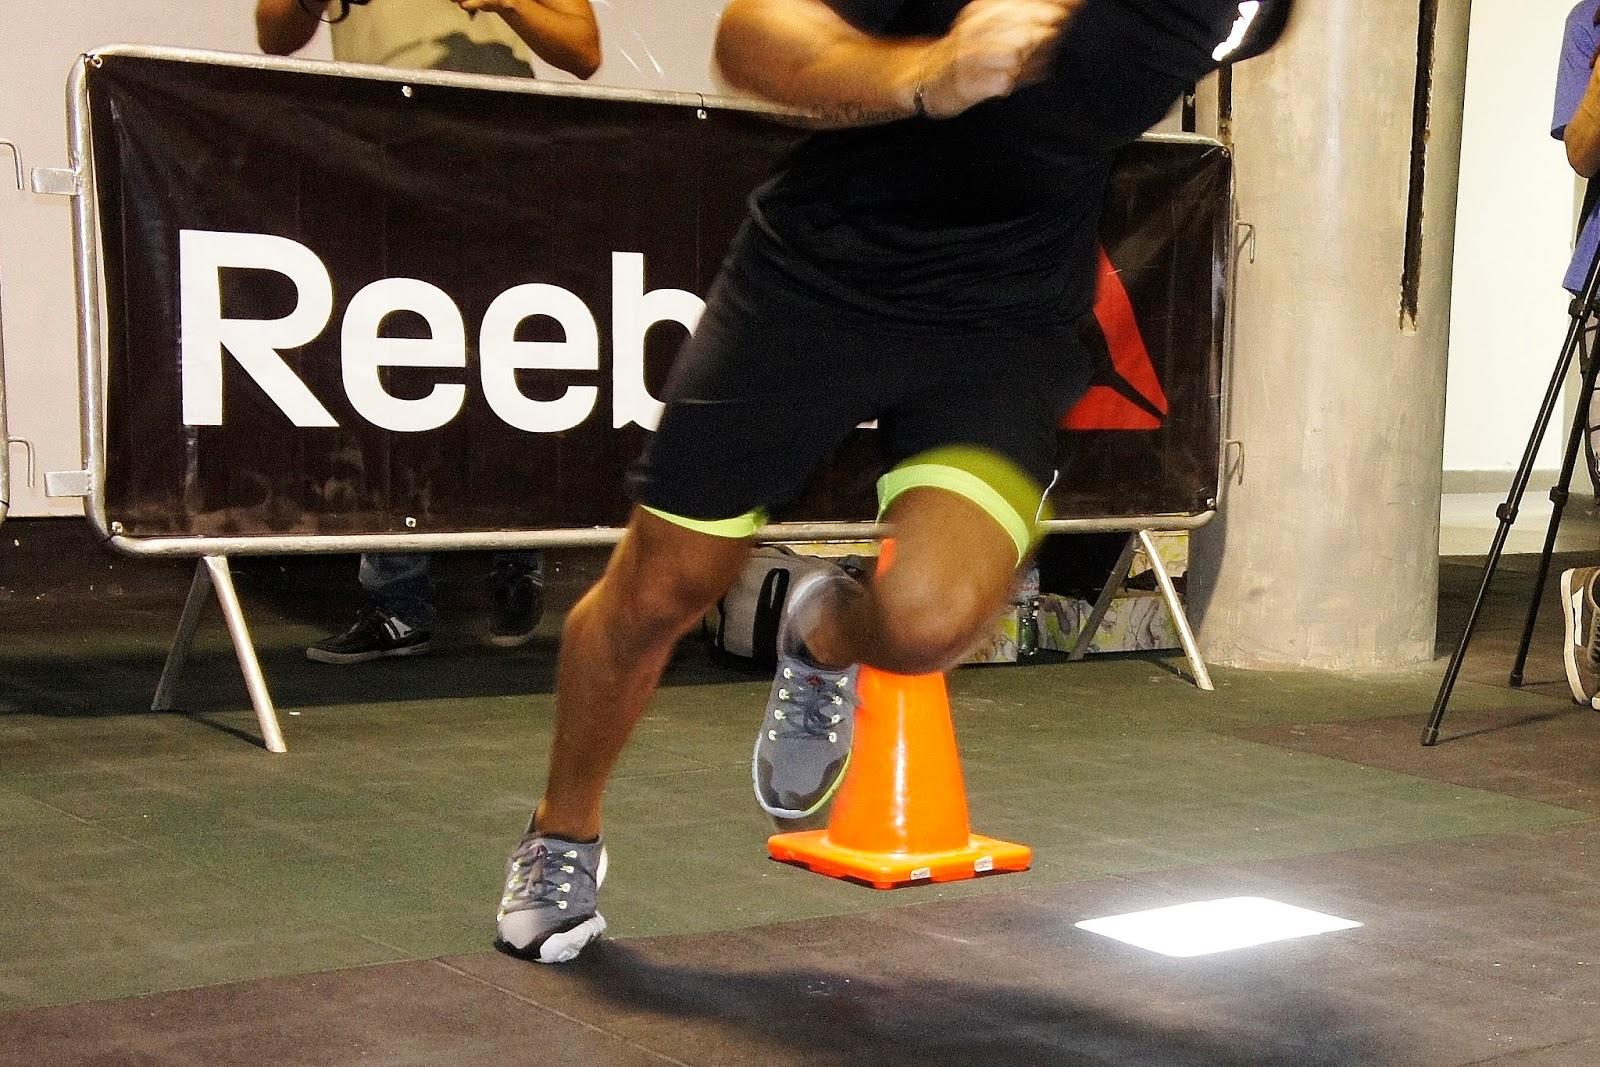 Lanzamiento ZPump 2.0 - Reebok - corriendo - running - deporte - calzado deportivo - zapatillas